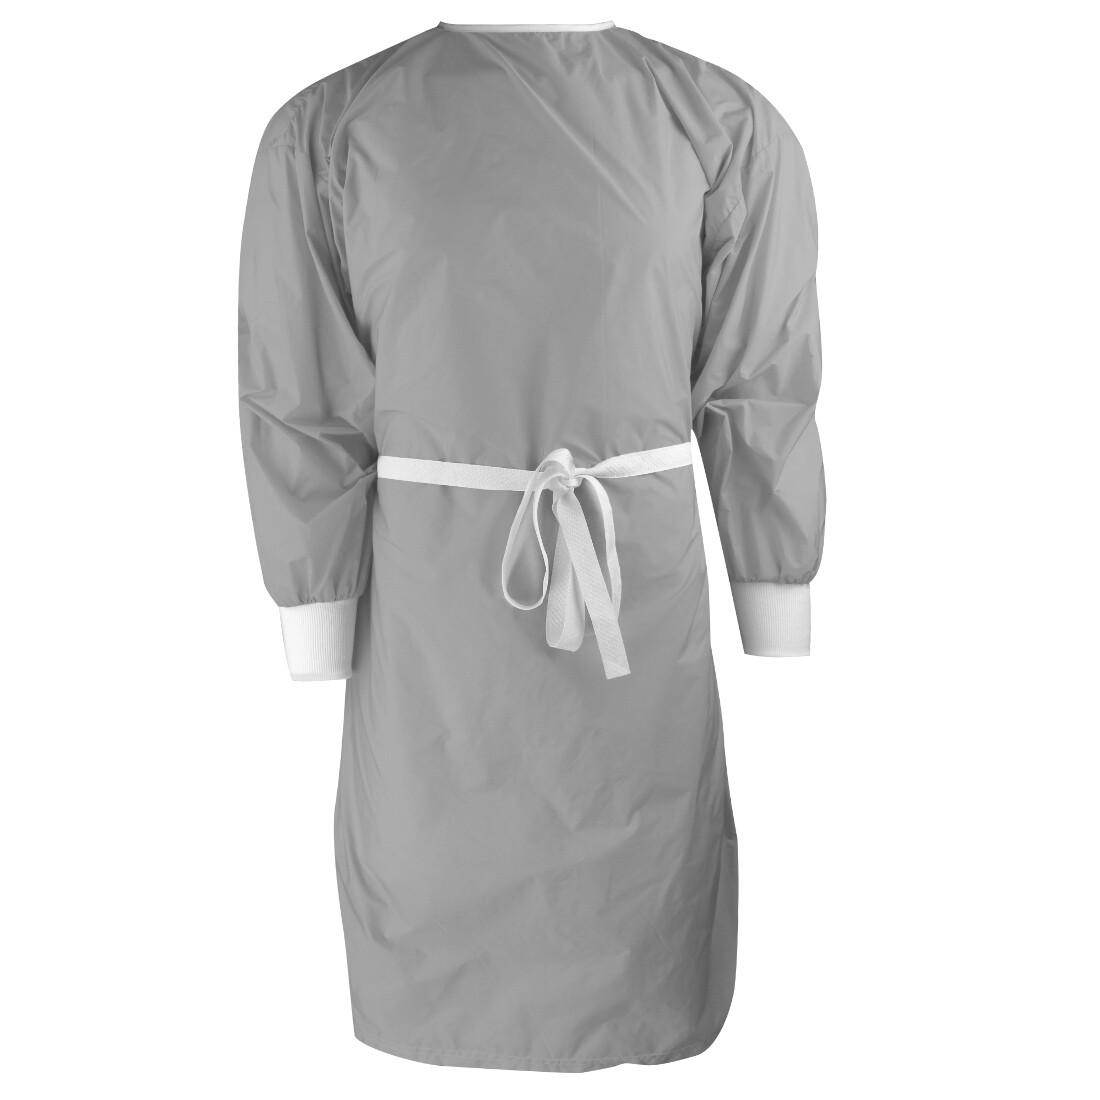 Reusable Nylon Gown